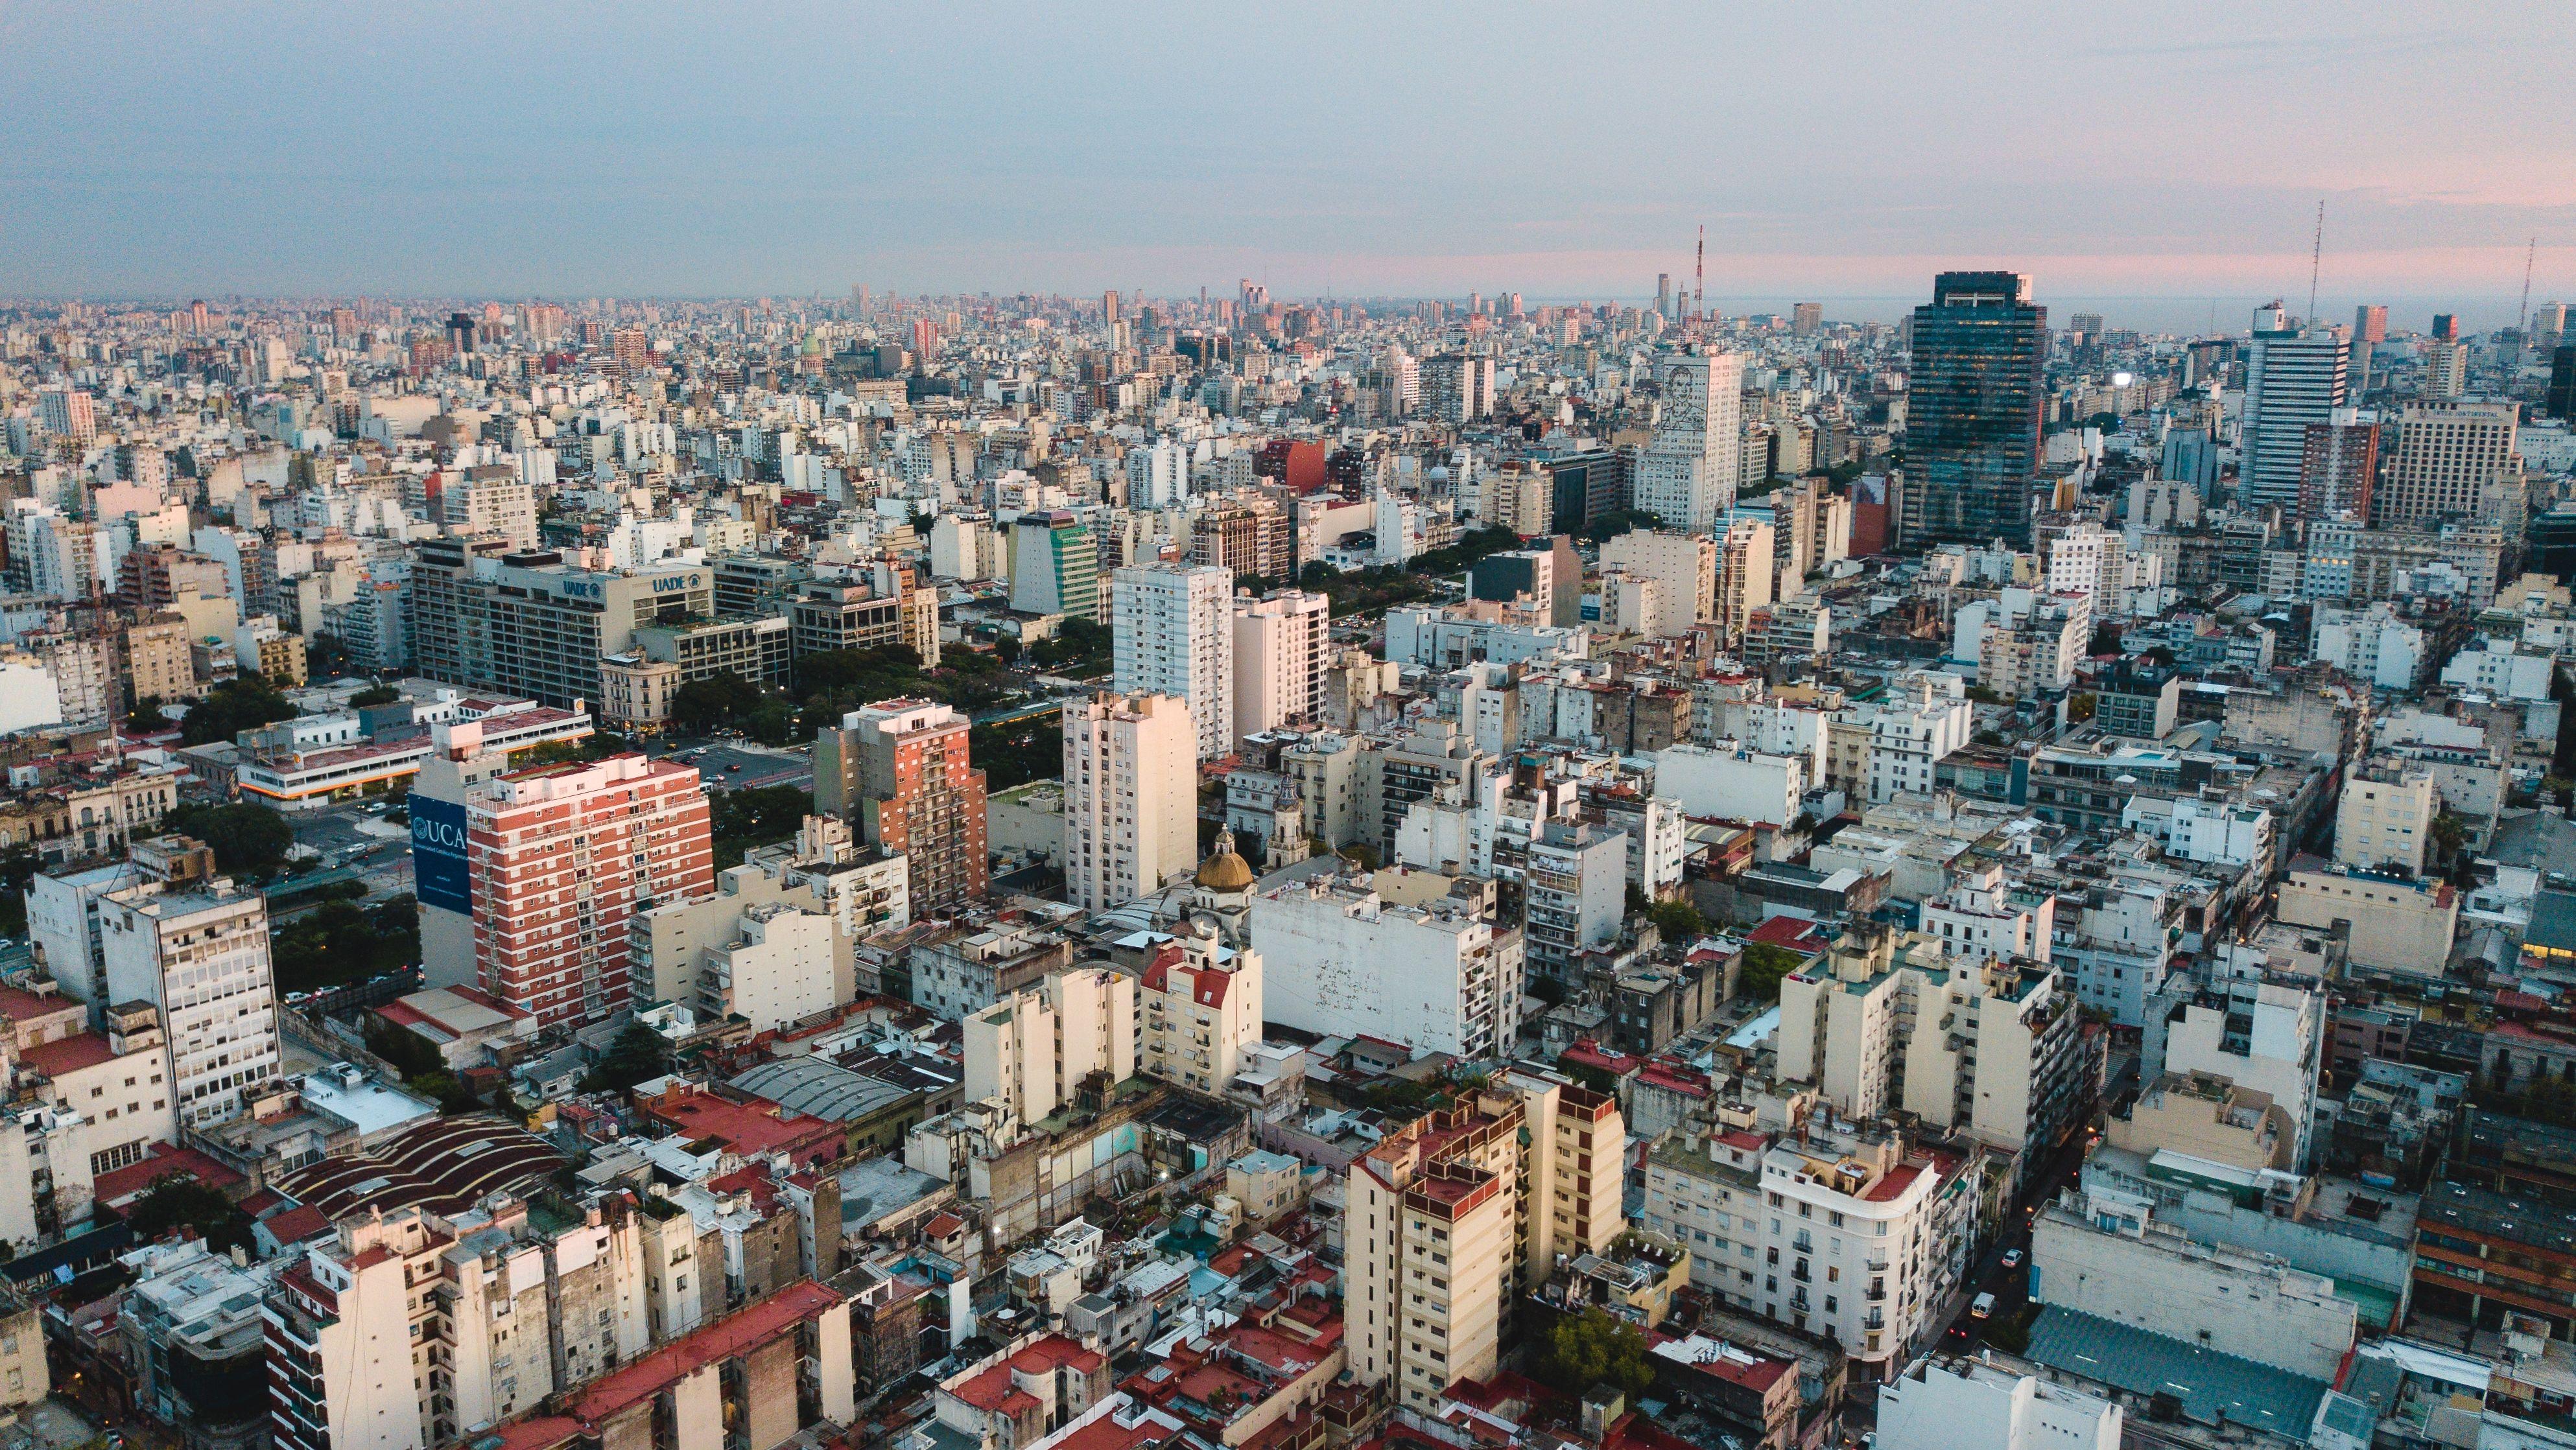 苦境のアルゼンチン経済 「救世主」暗号通貨は タンス預金を引き出せるか?